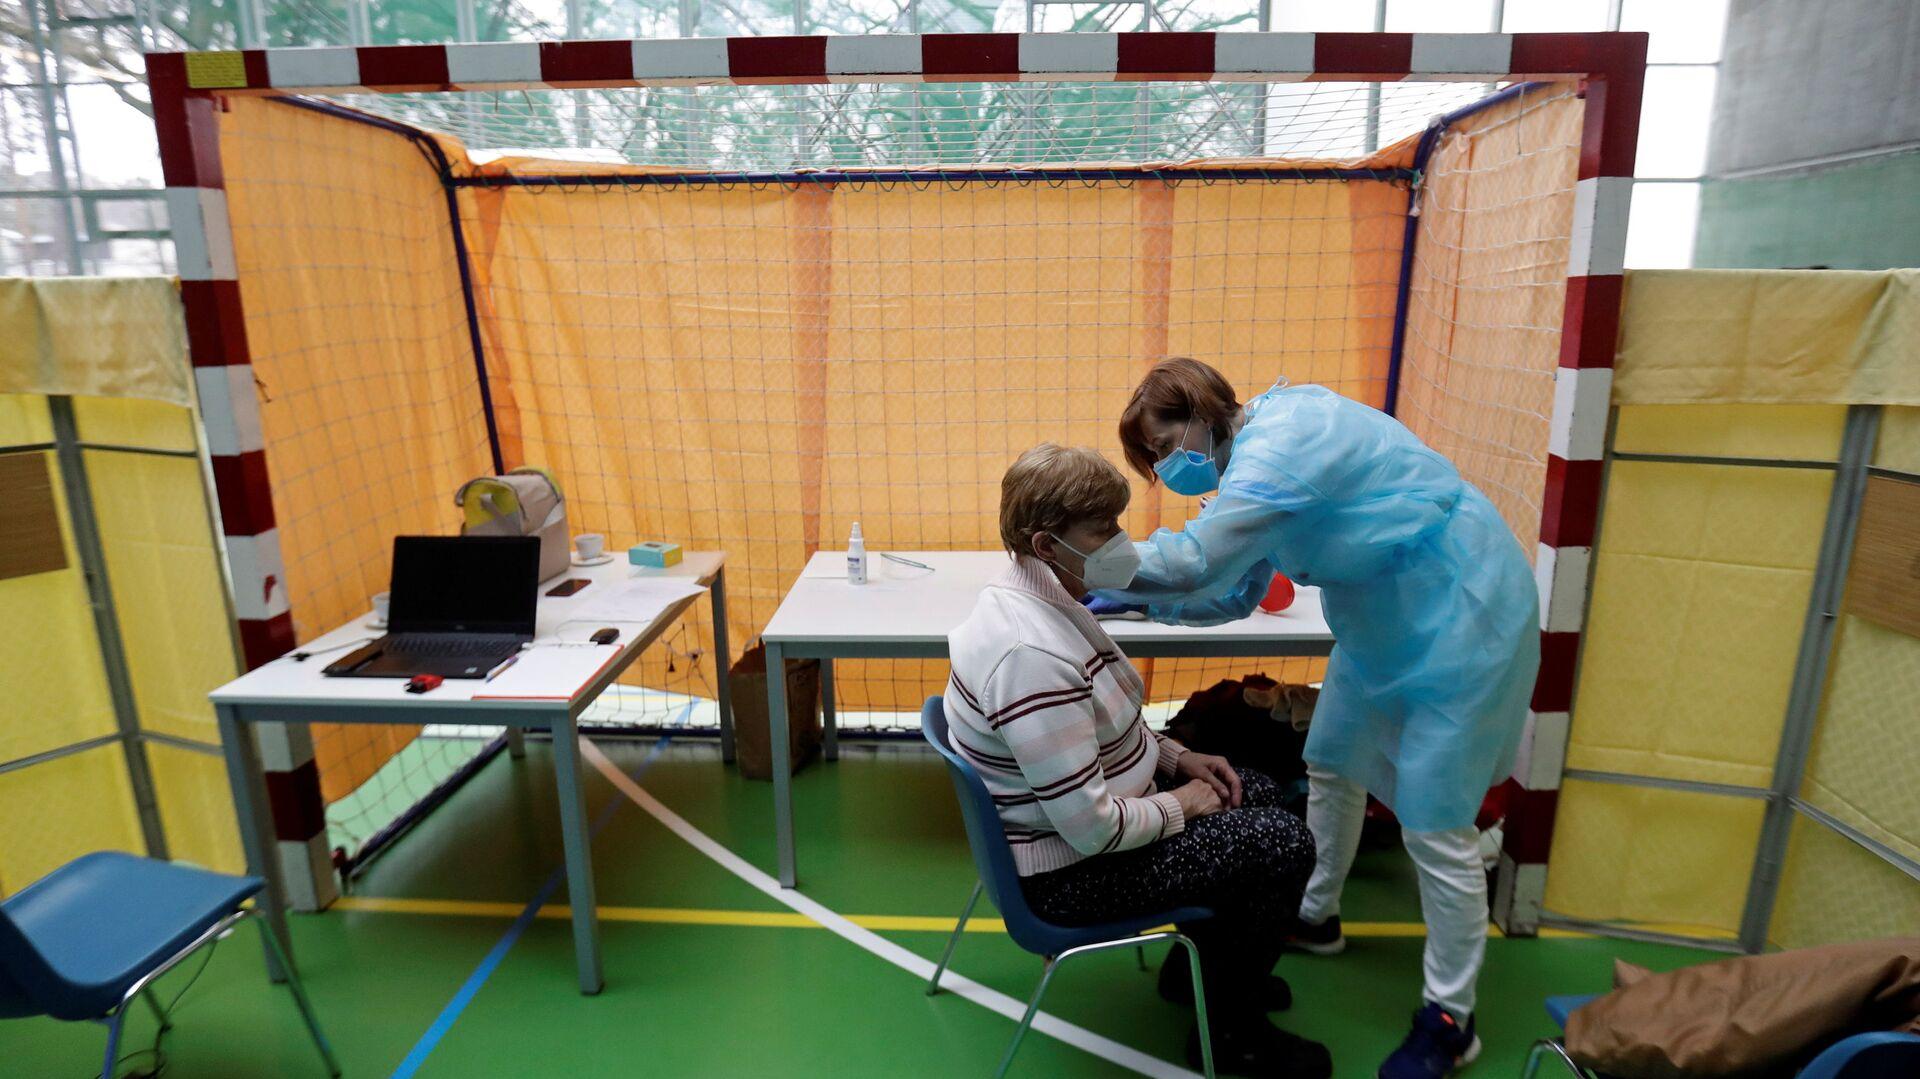 Zdravotník očkuje ženu proti koronaviru v centru hromadné vakcinace v tělocvičně v Praze - Sputnik Česká republika, 1920, 02.08.2021